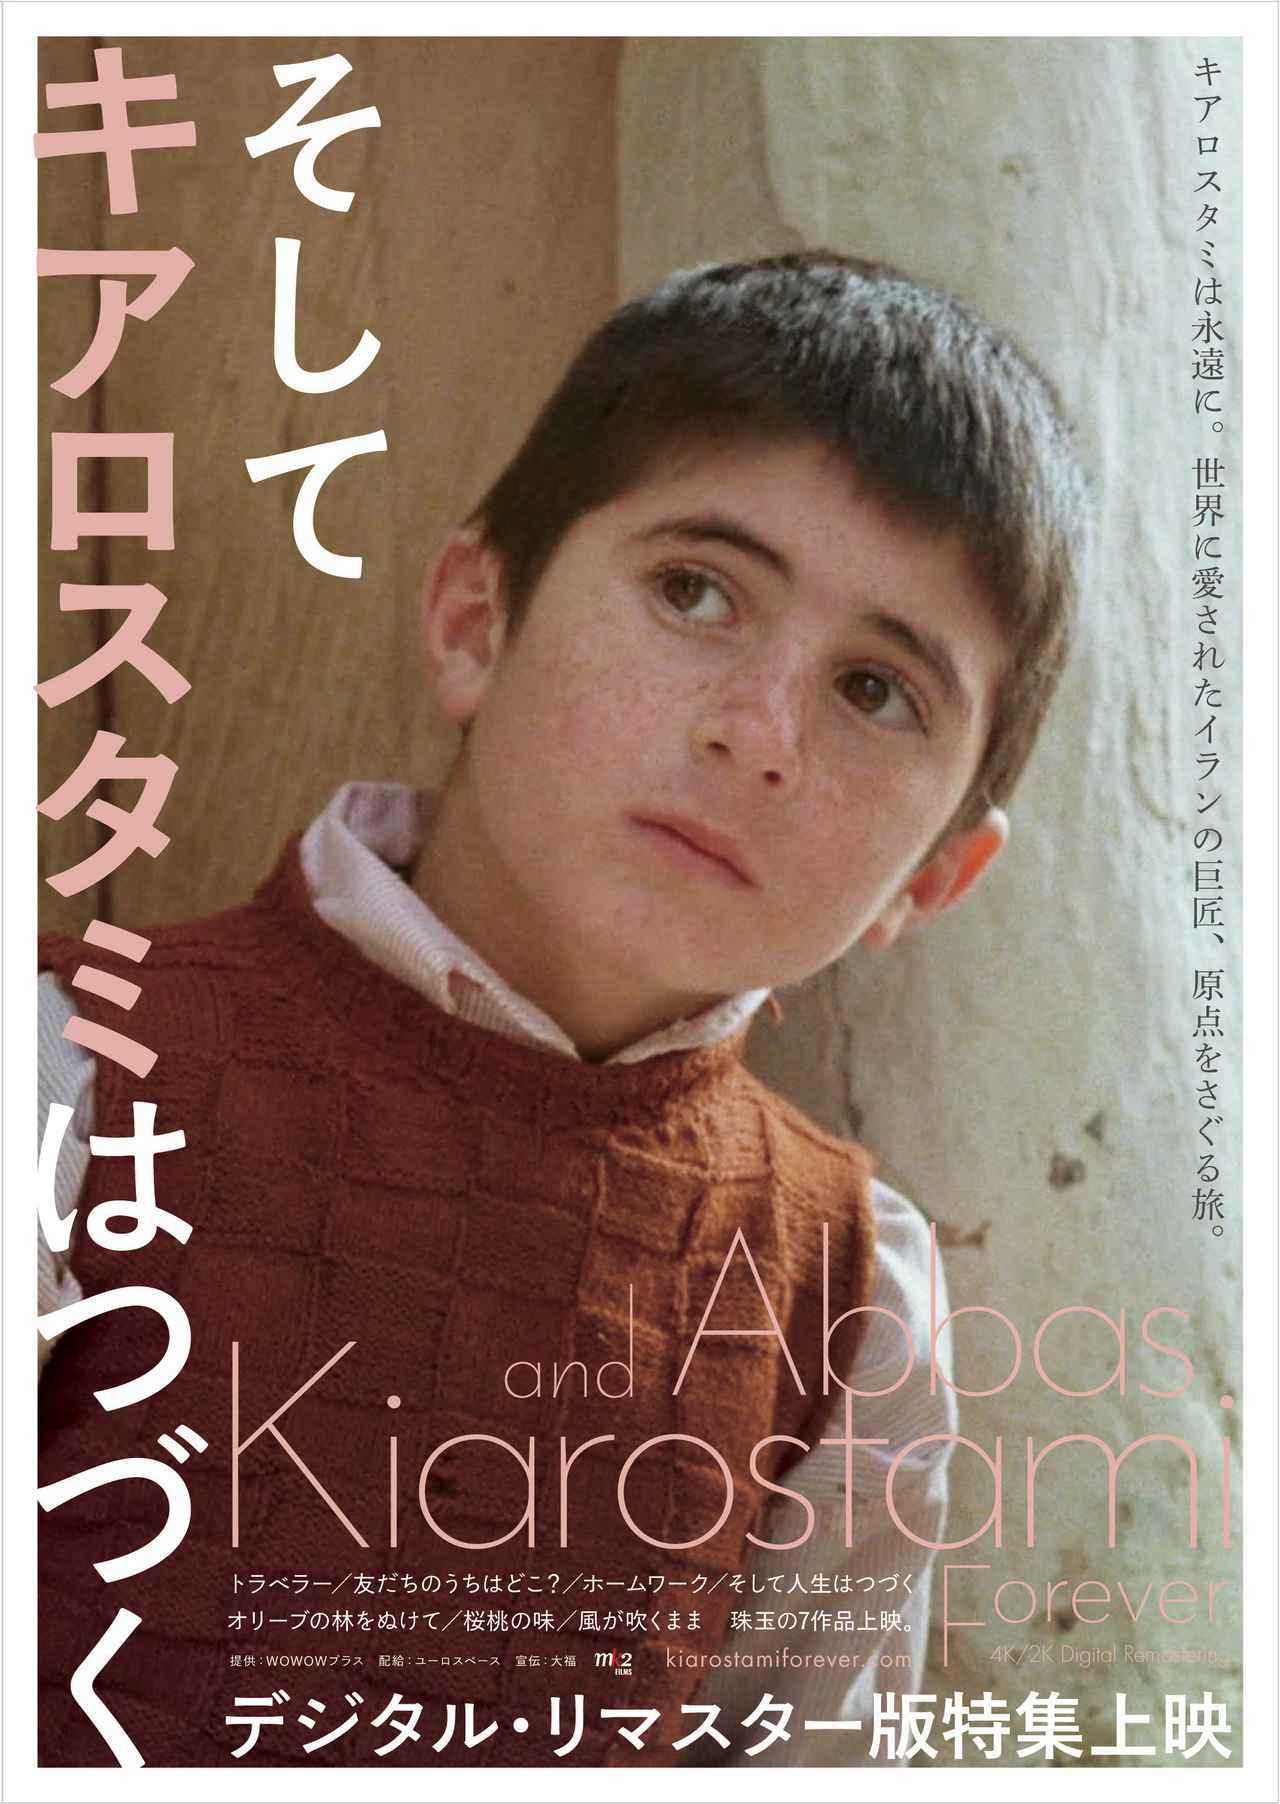 画像3: イラン映画の巨匠アッバス・キアロスタミ監督生誕81年、没後5年を記念して、世界中で愛される、ジグザグ道三部作を中心に、初期の珠玉の名作がスクリーンによみがえる。